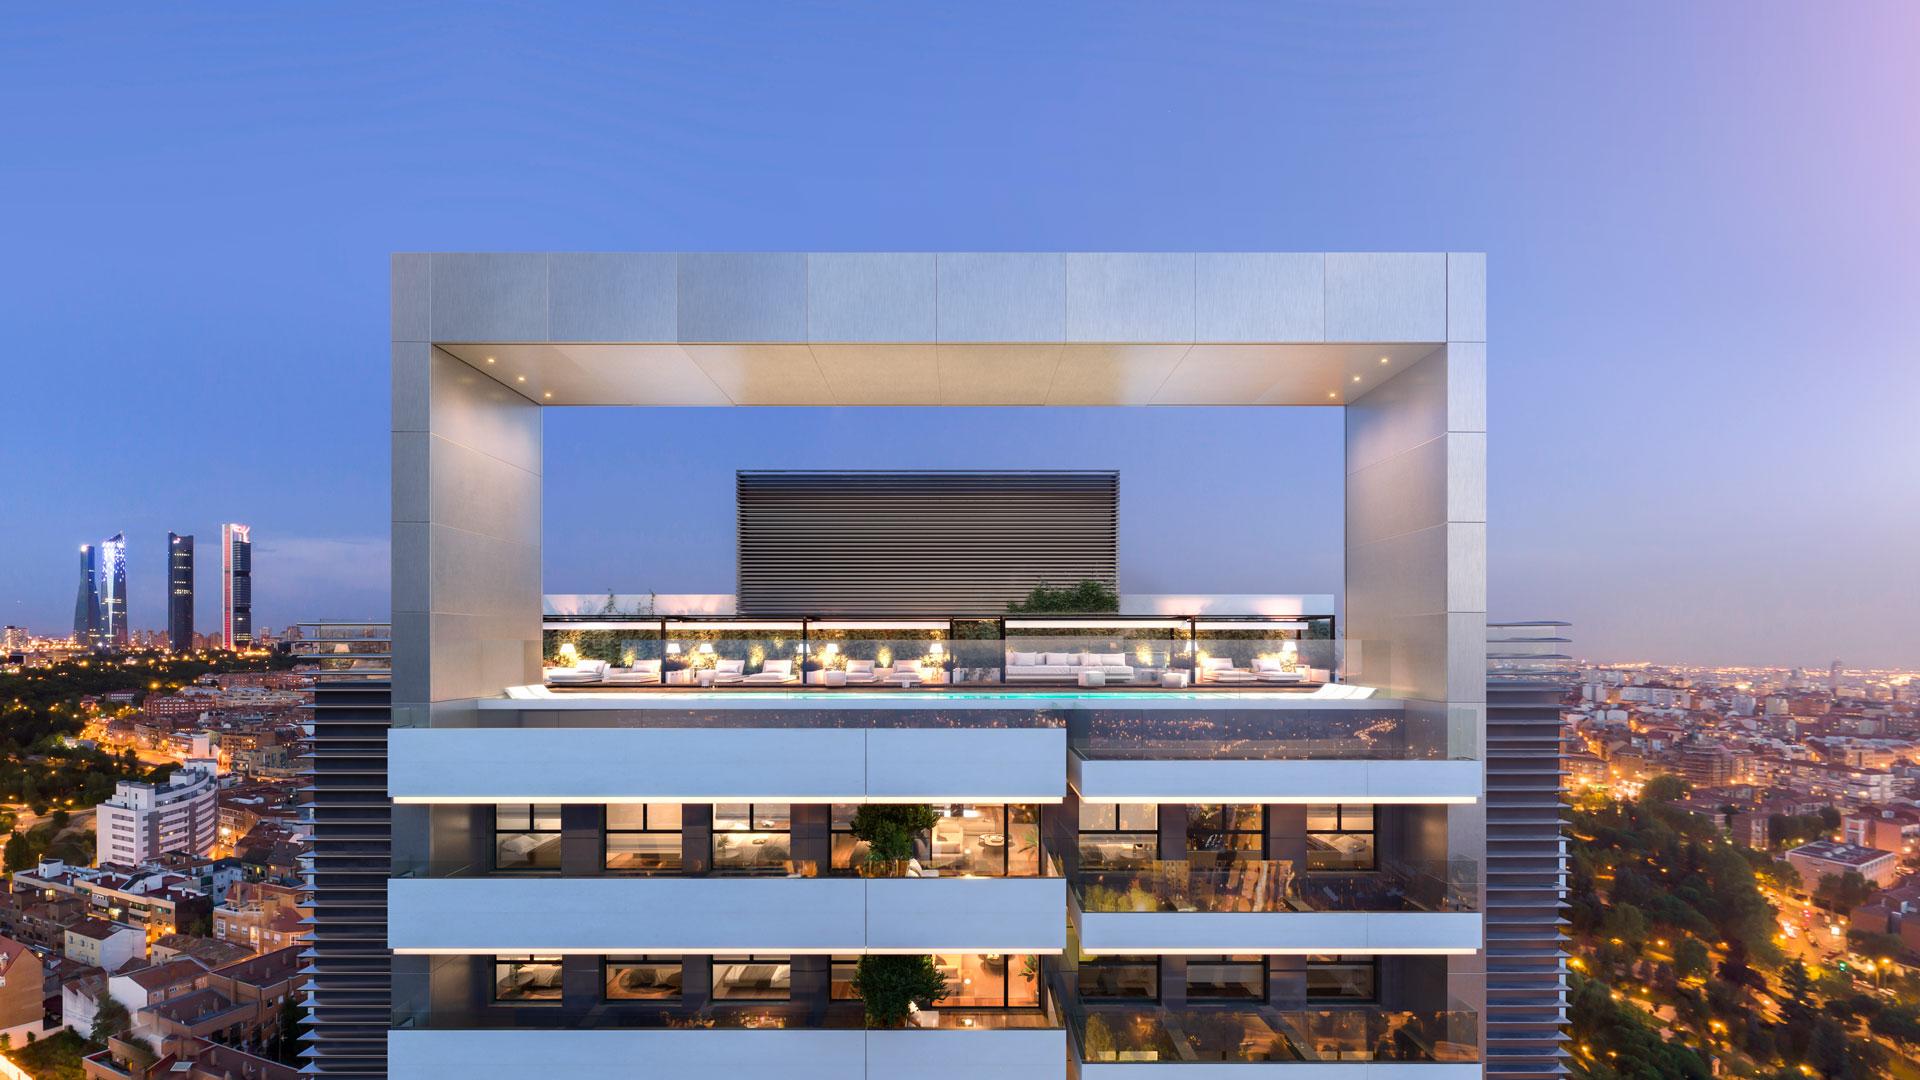 Vista frontal de la piscina panorámica en terraza con las cuatro torres al fondo